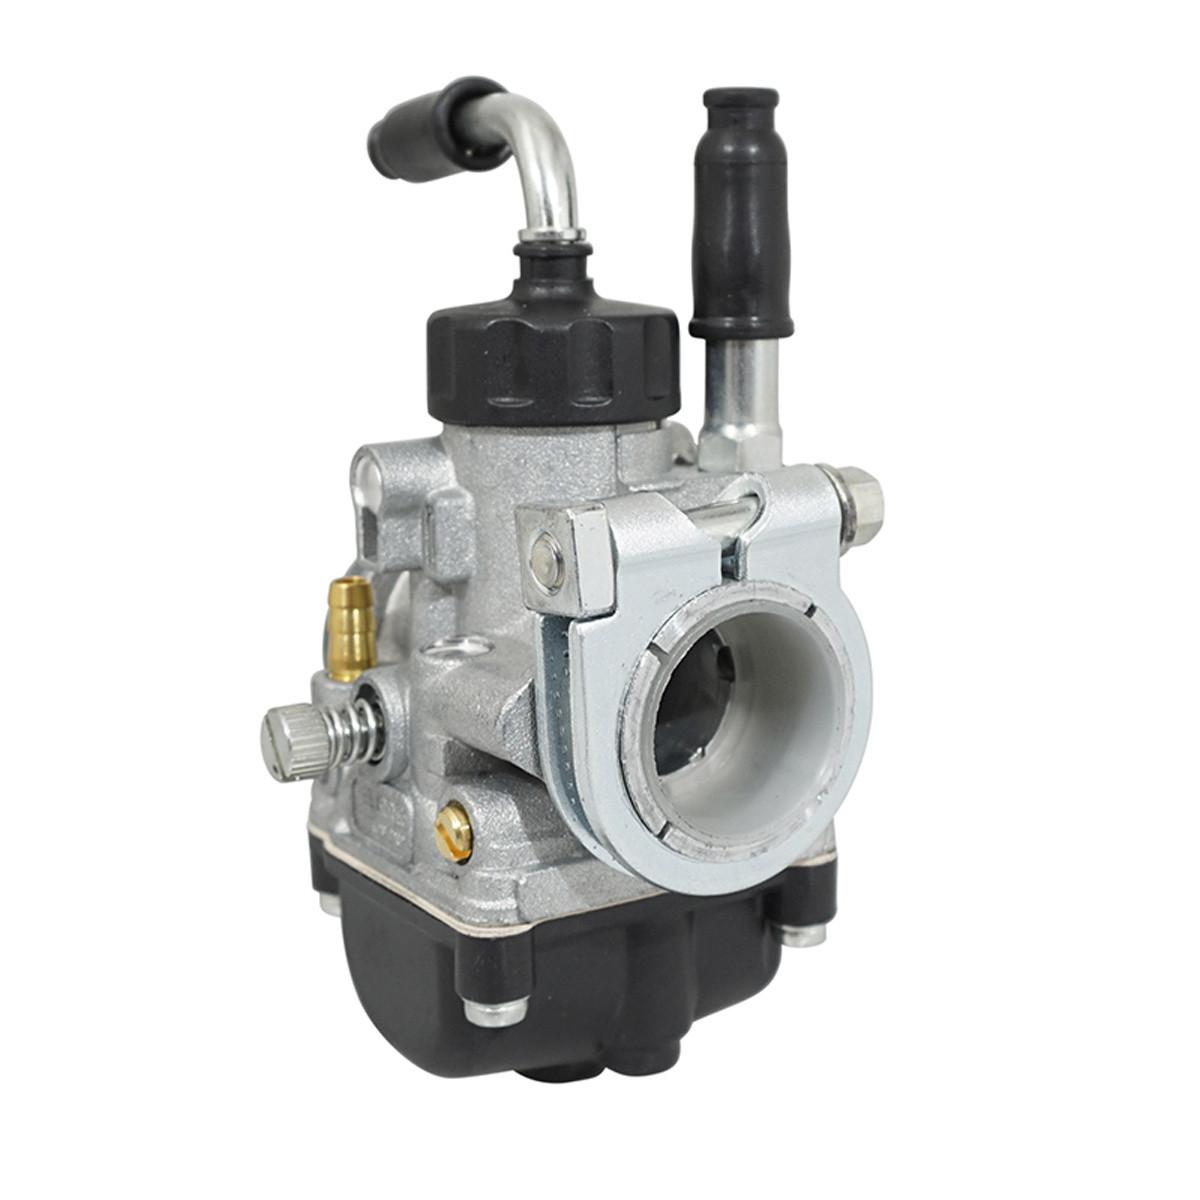 Carburateur 19.5mm PHBG AD - Dellorto Montage Rigide / Starter à câble / couvercle rond